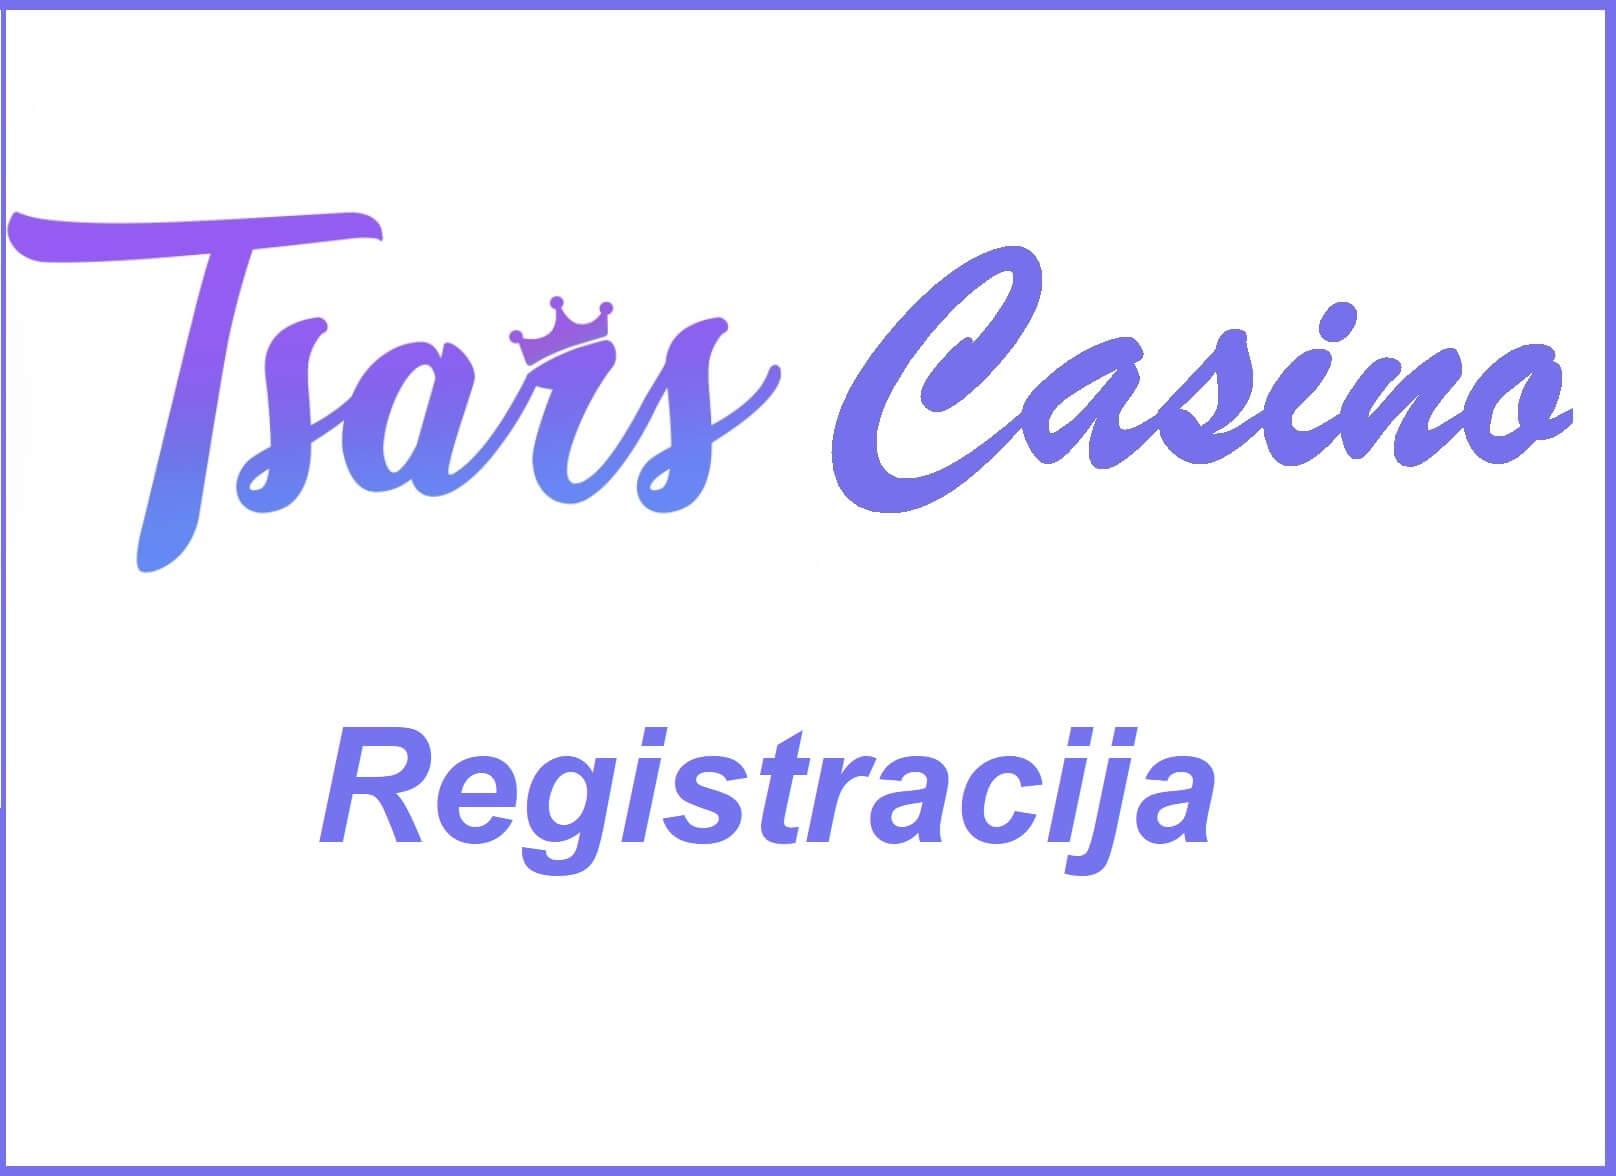 Tsars Registracija